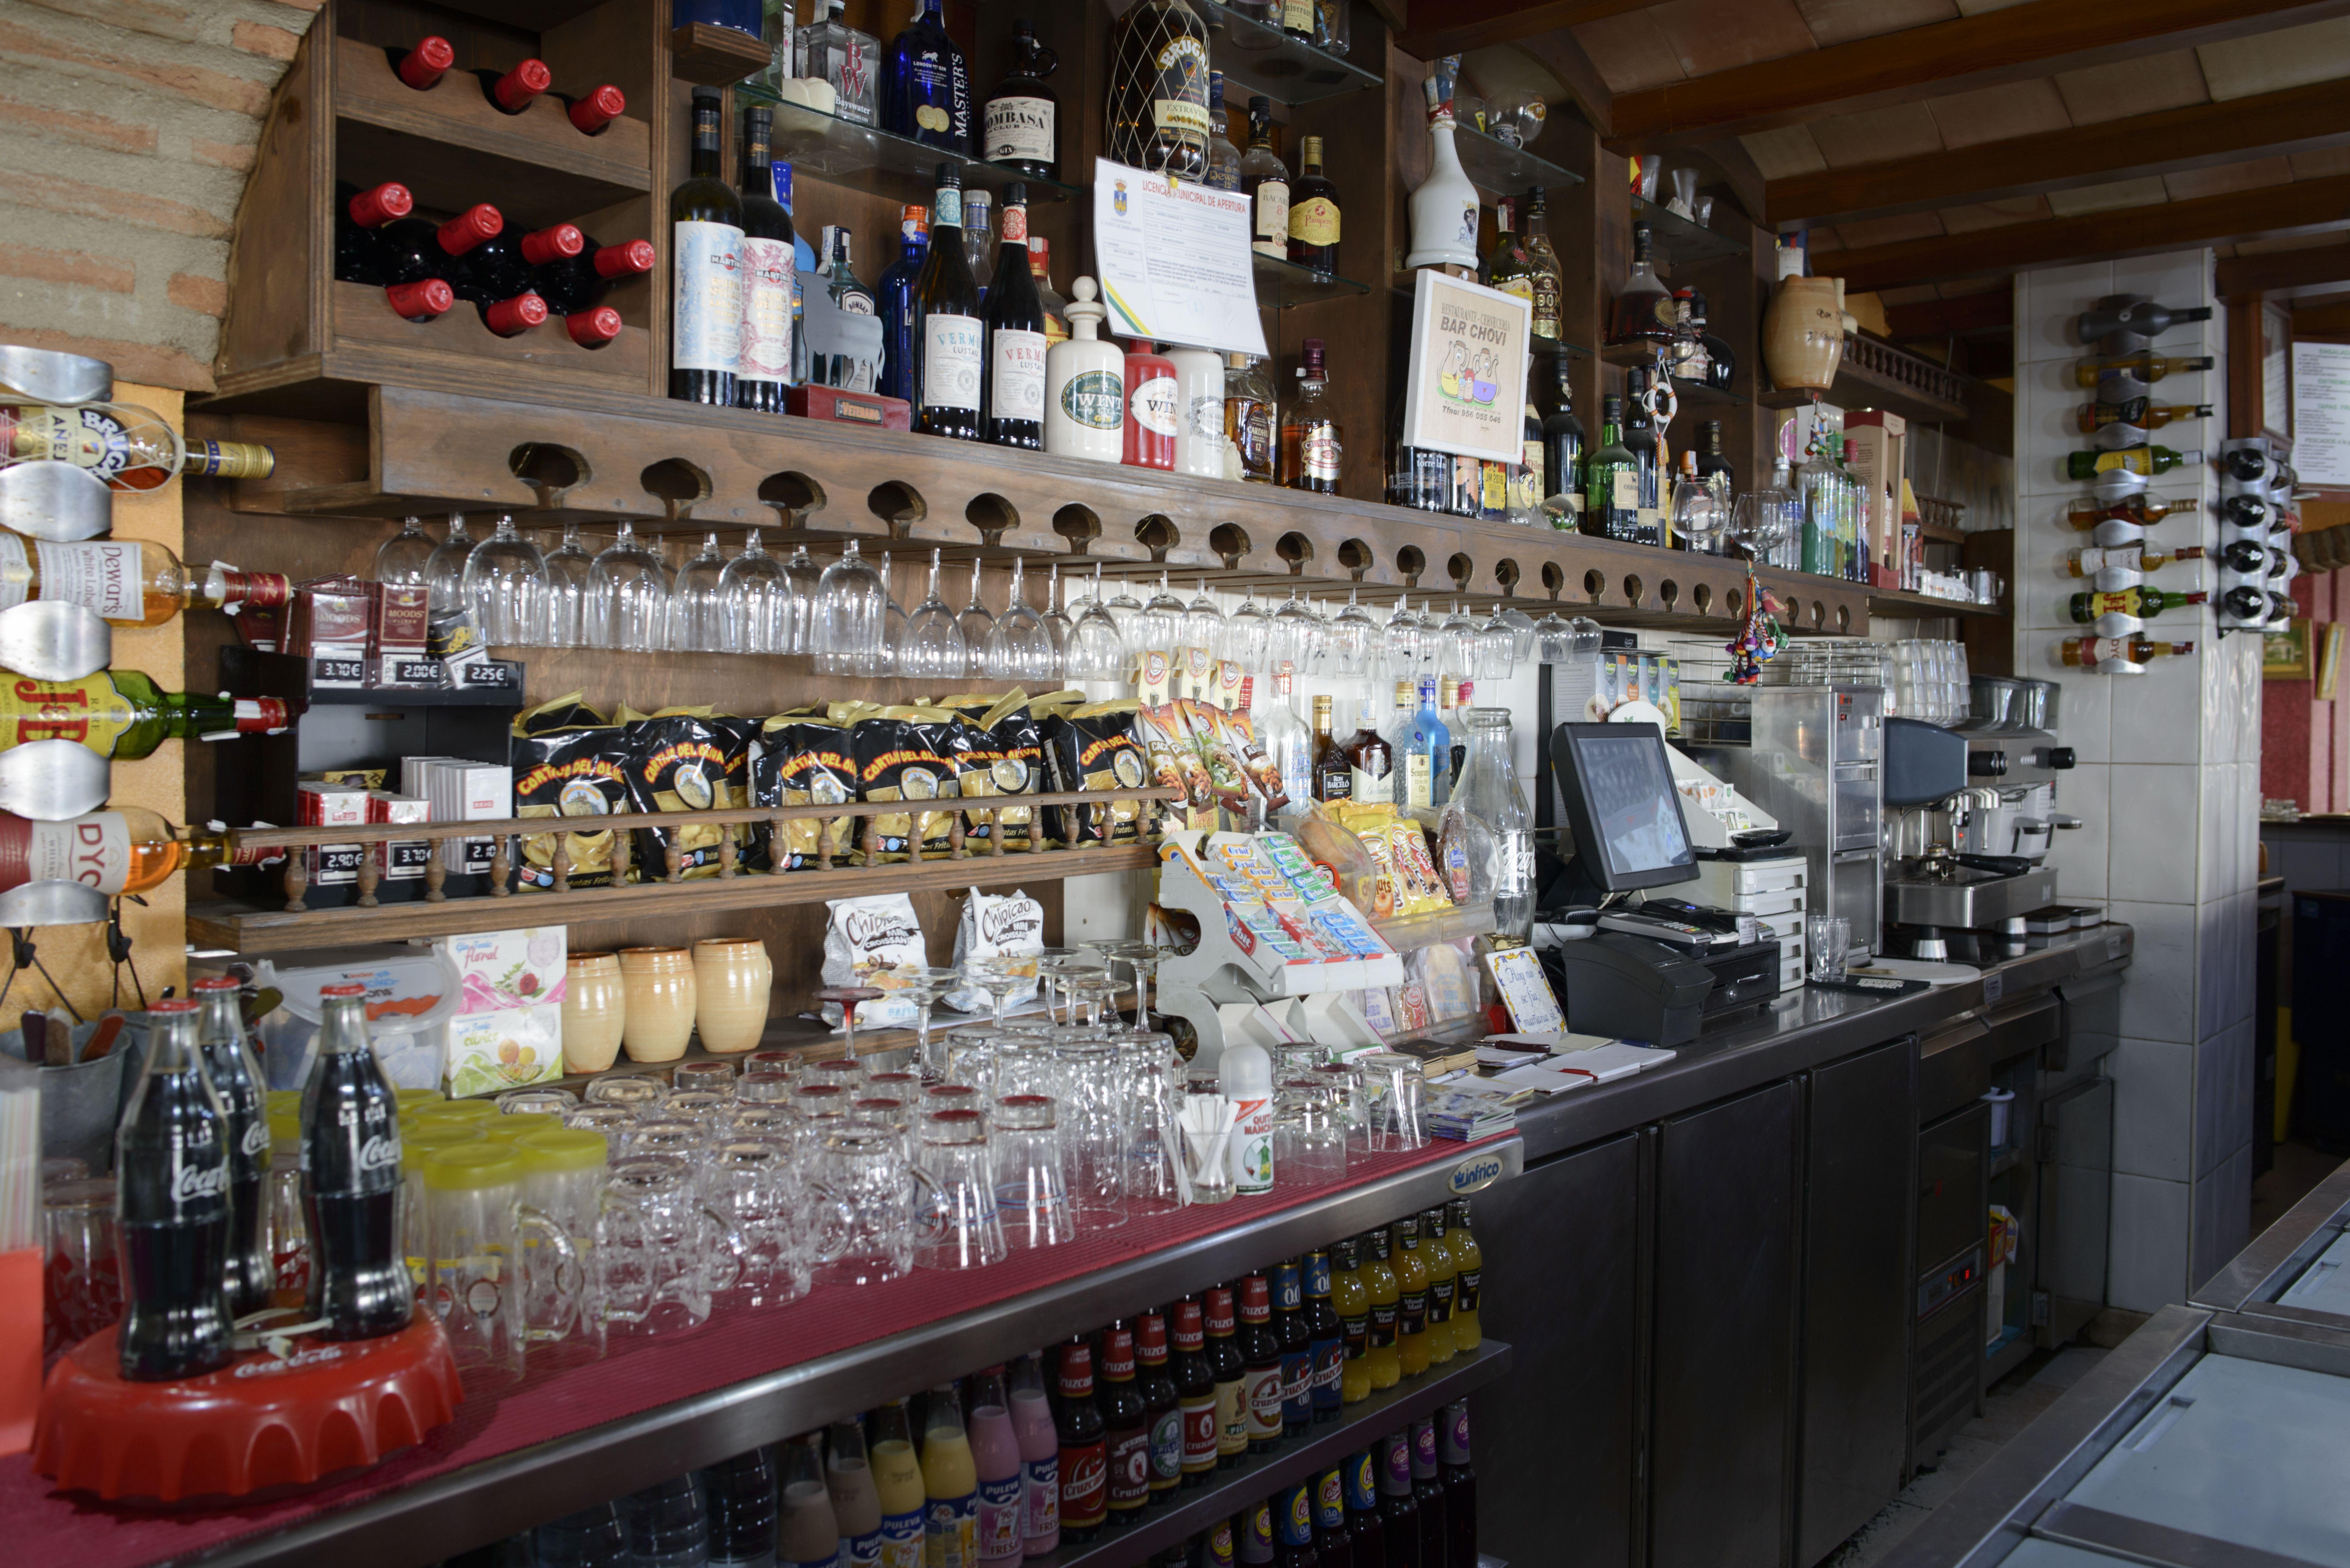 Foto 7 de Cocina andaluza en El Puerto de Santa María | Restaurante Bar Chovi